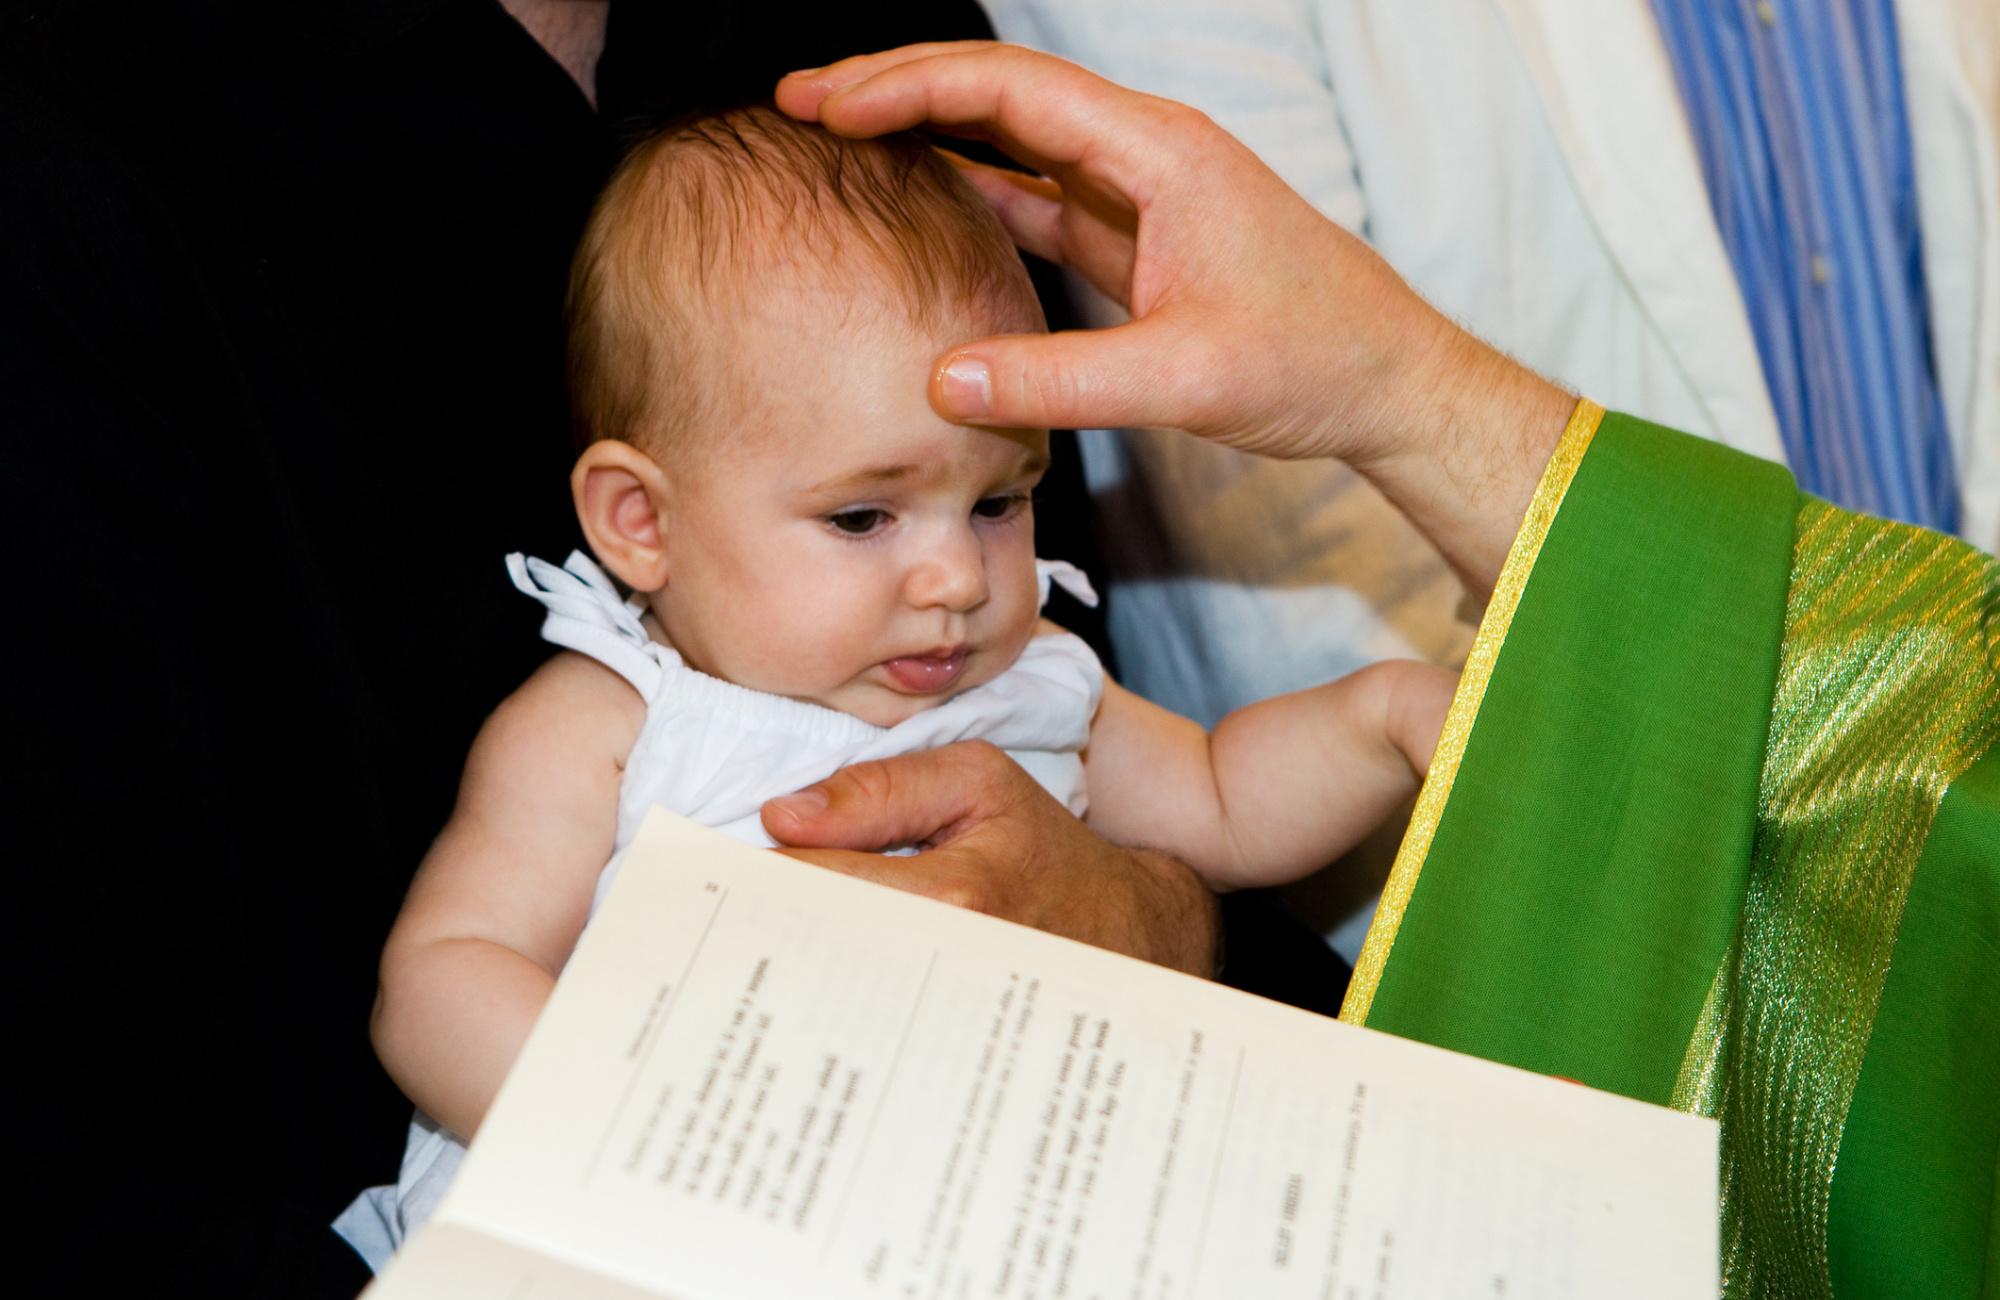 Checkliste zur Taufe